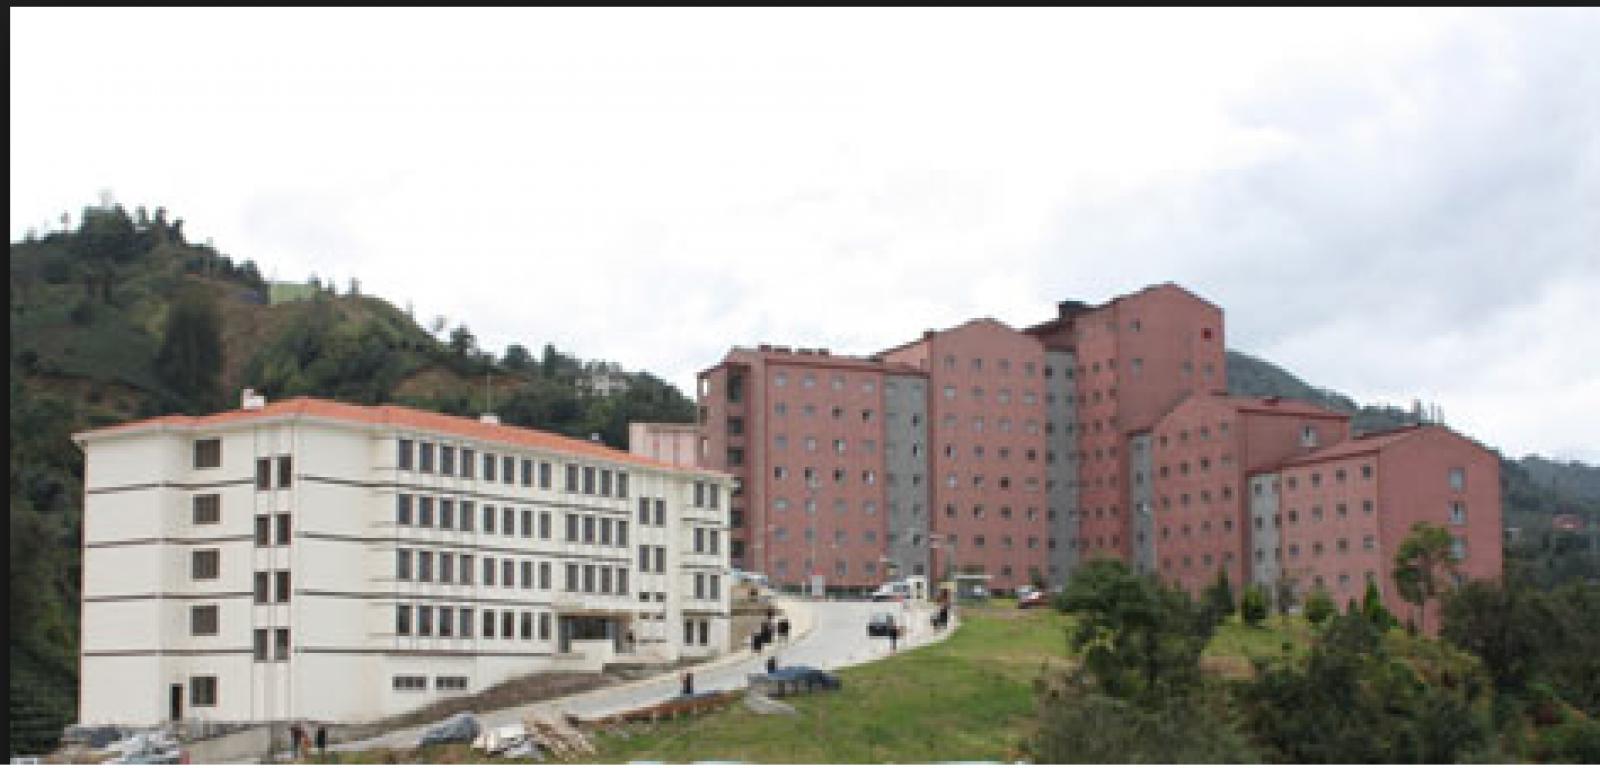 Rize Üniversitesi Sağlık Meslek Yüksek Okulu